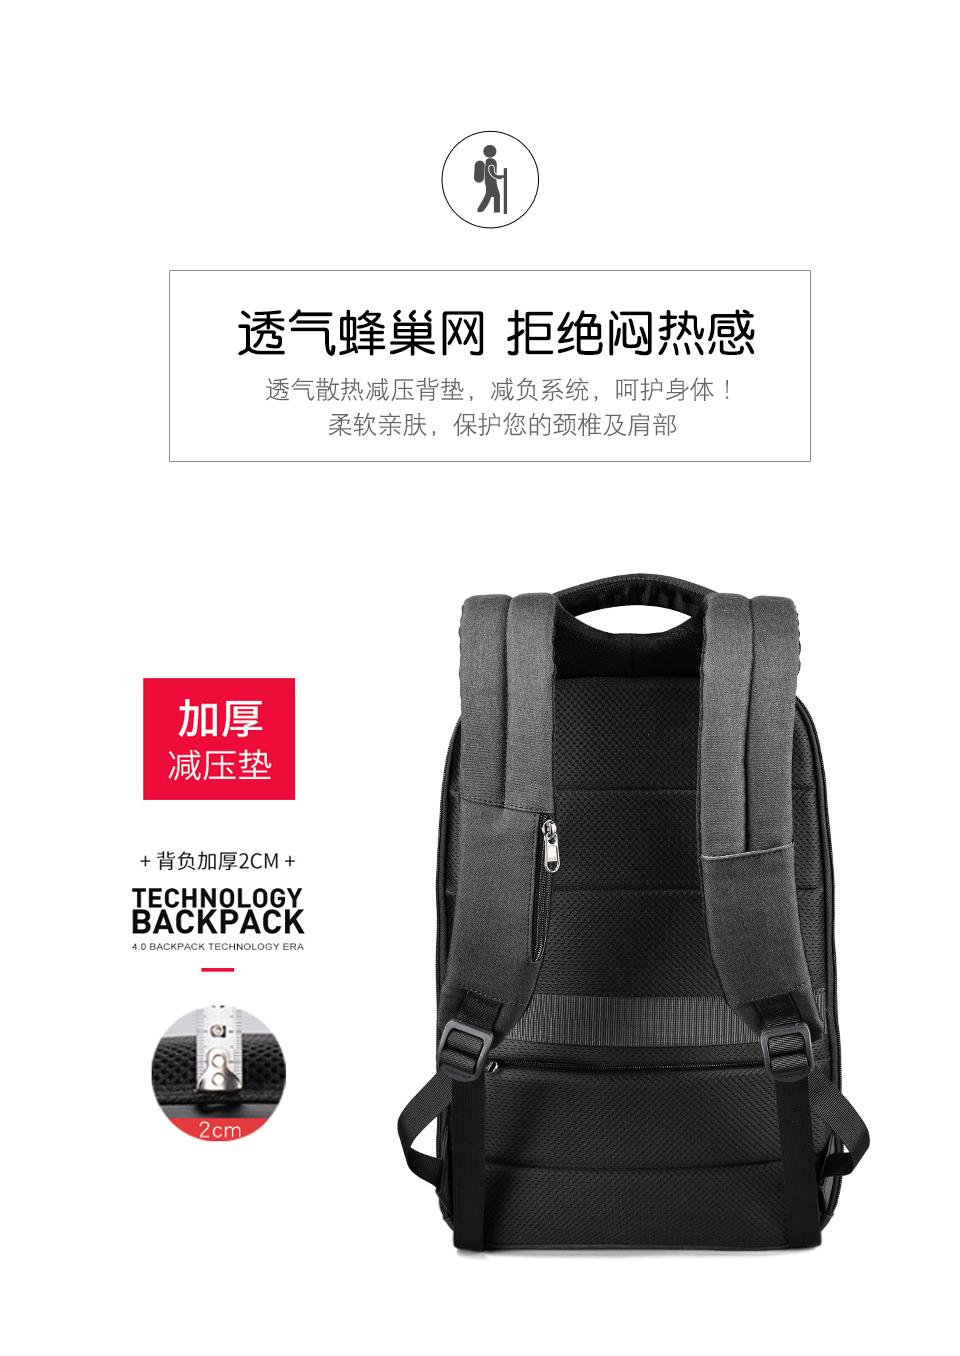 T-B3611中文改USB、改锁_15.jpg